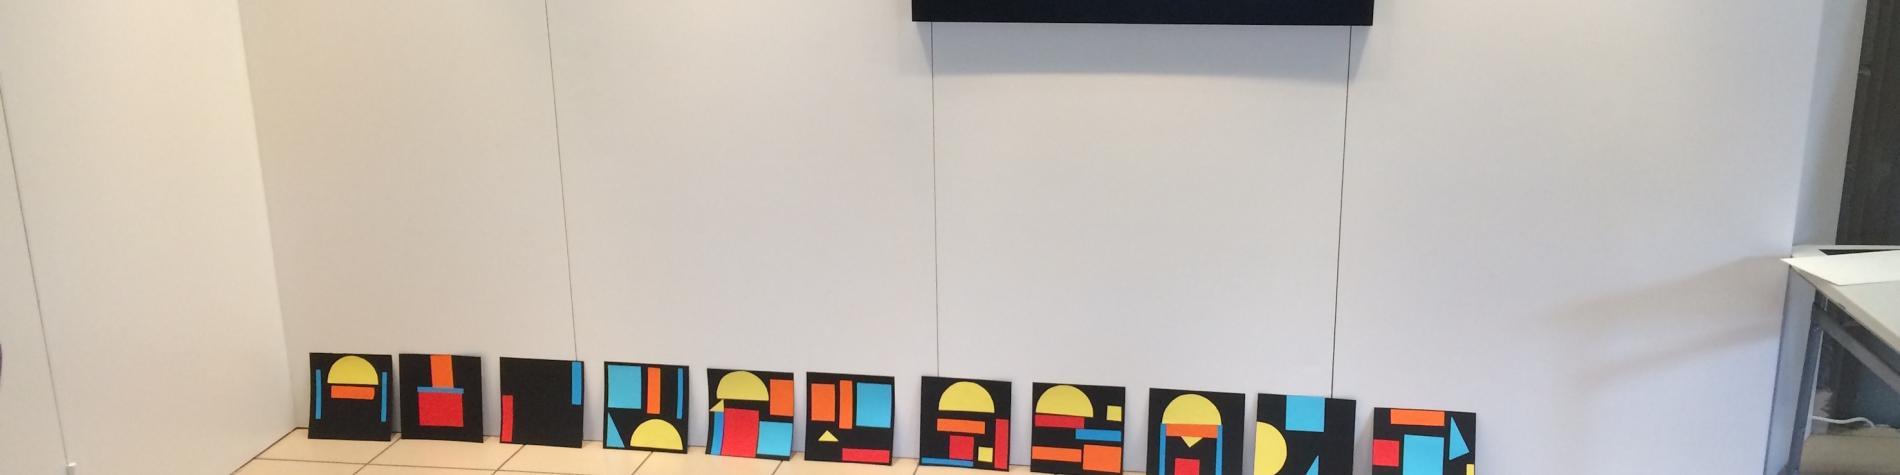 Musée du petit format- Attraction - Viroinval - Art contemporain